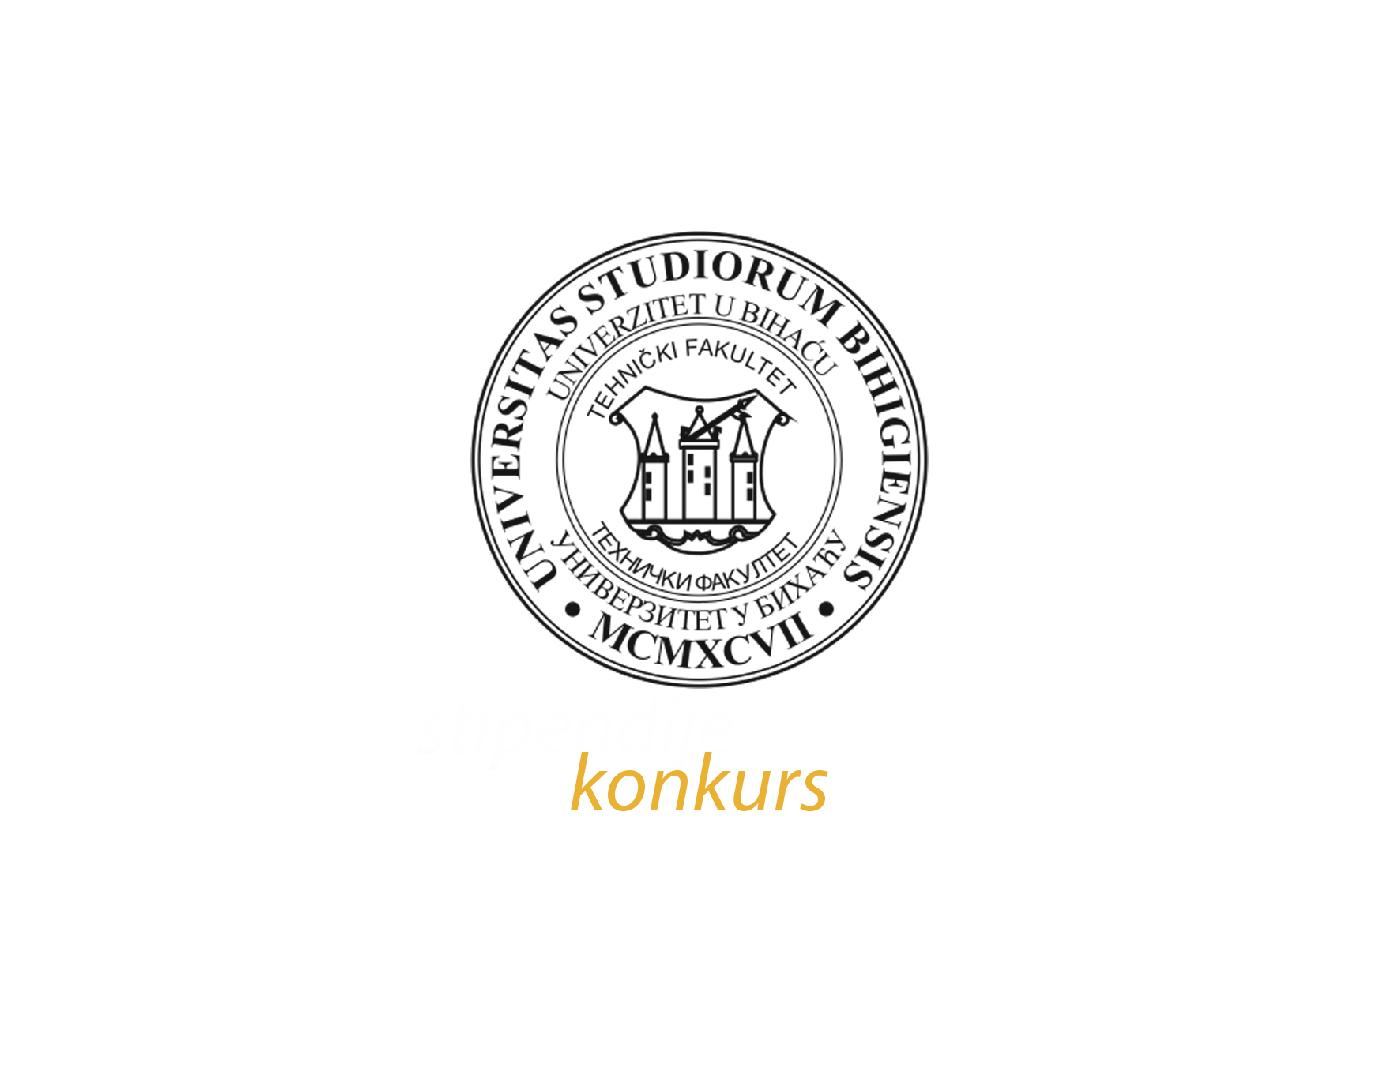 Konkurs Tehničkog fakulteta Univerziteta u Bihaću